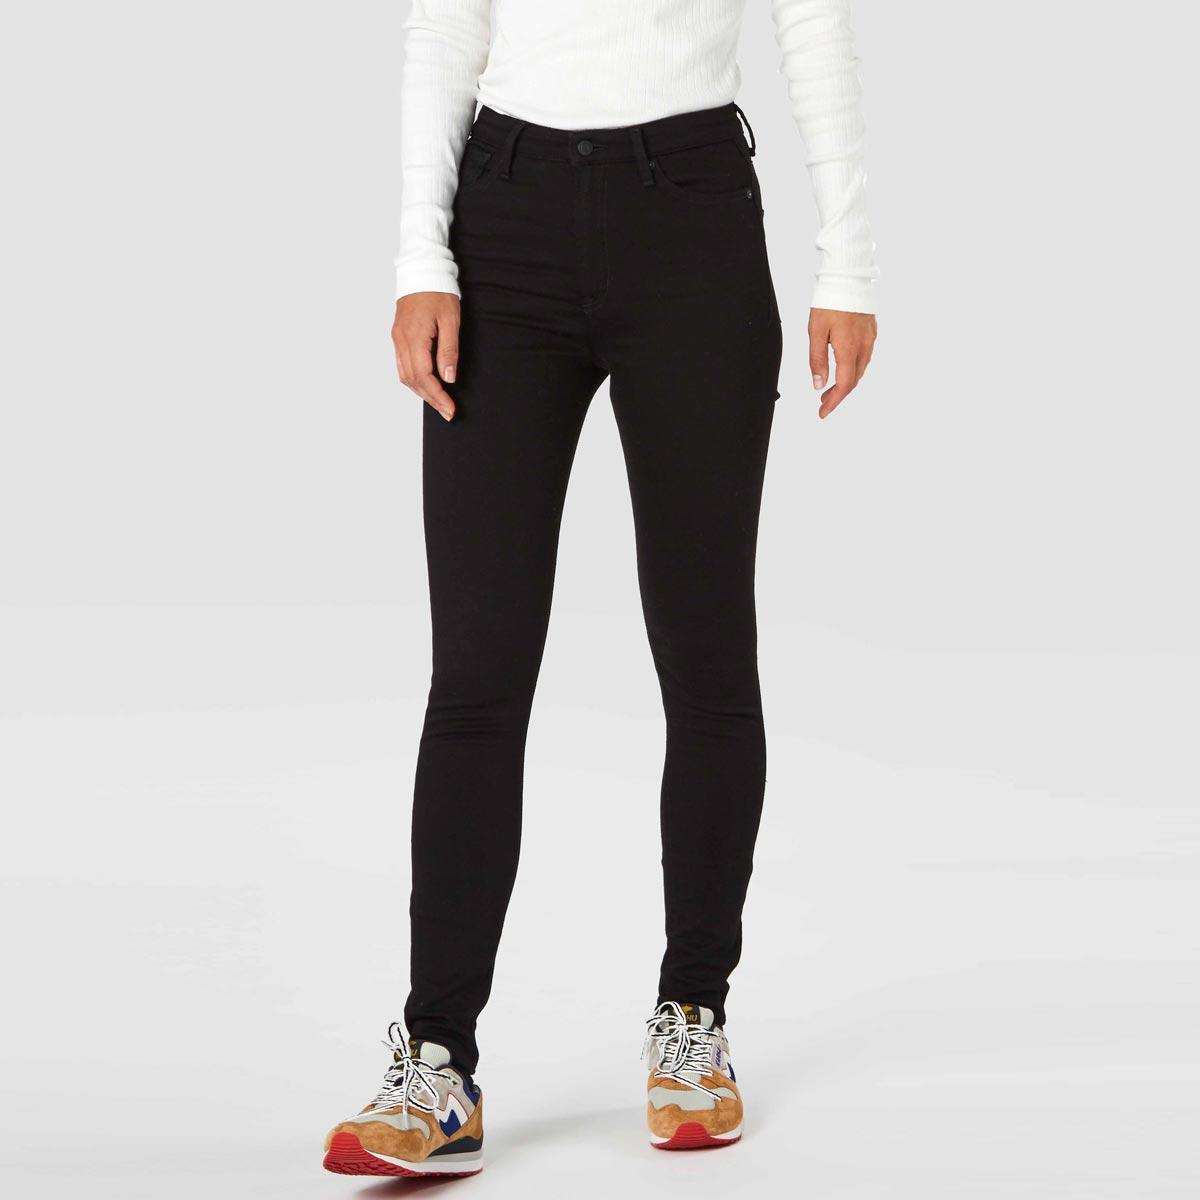 svarta jeans ekologisk bomull skinny hog midja